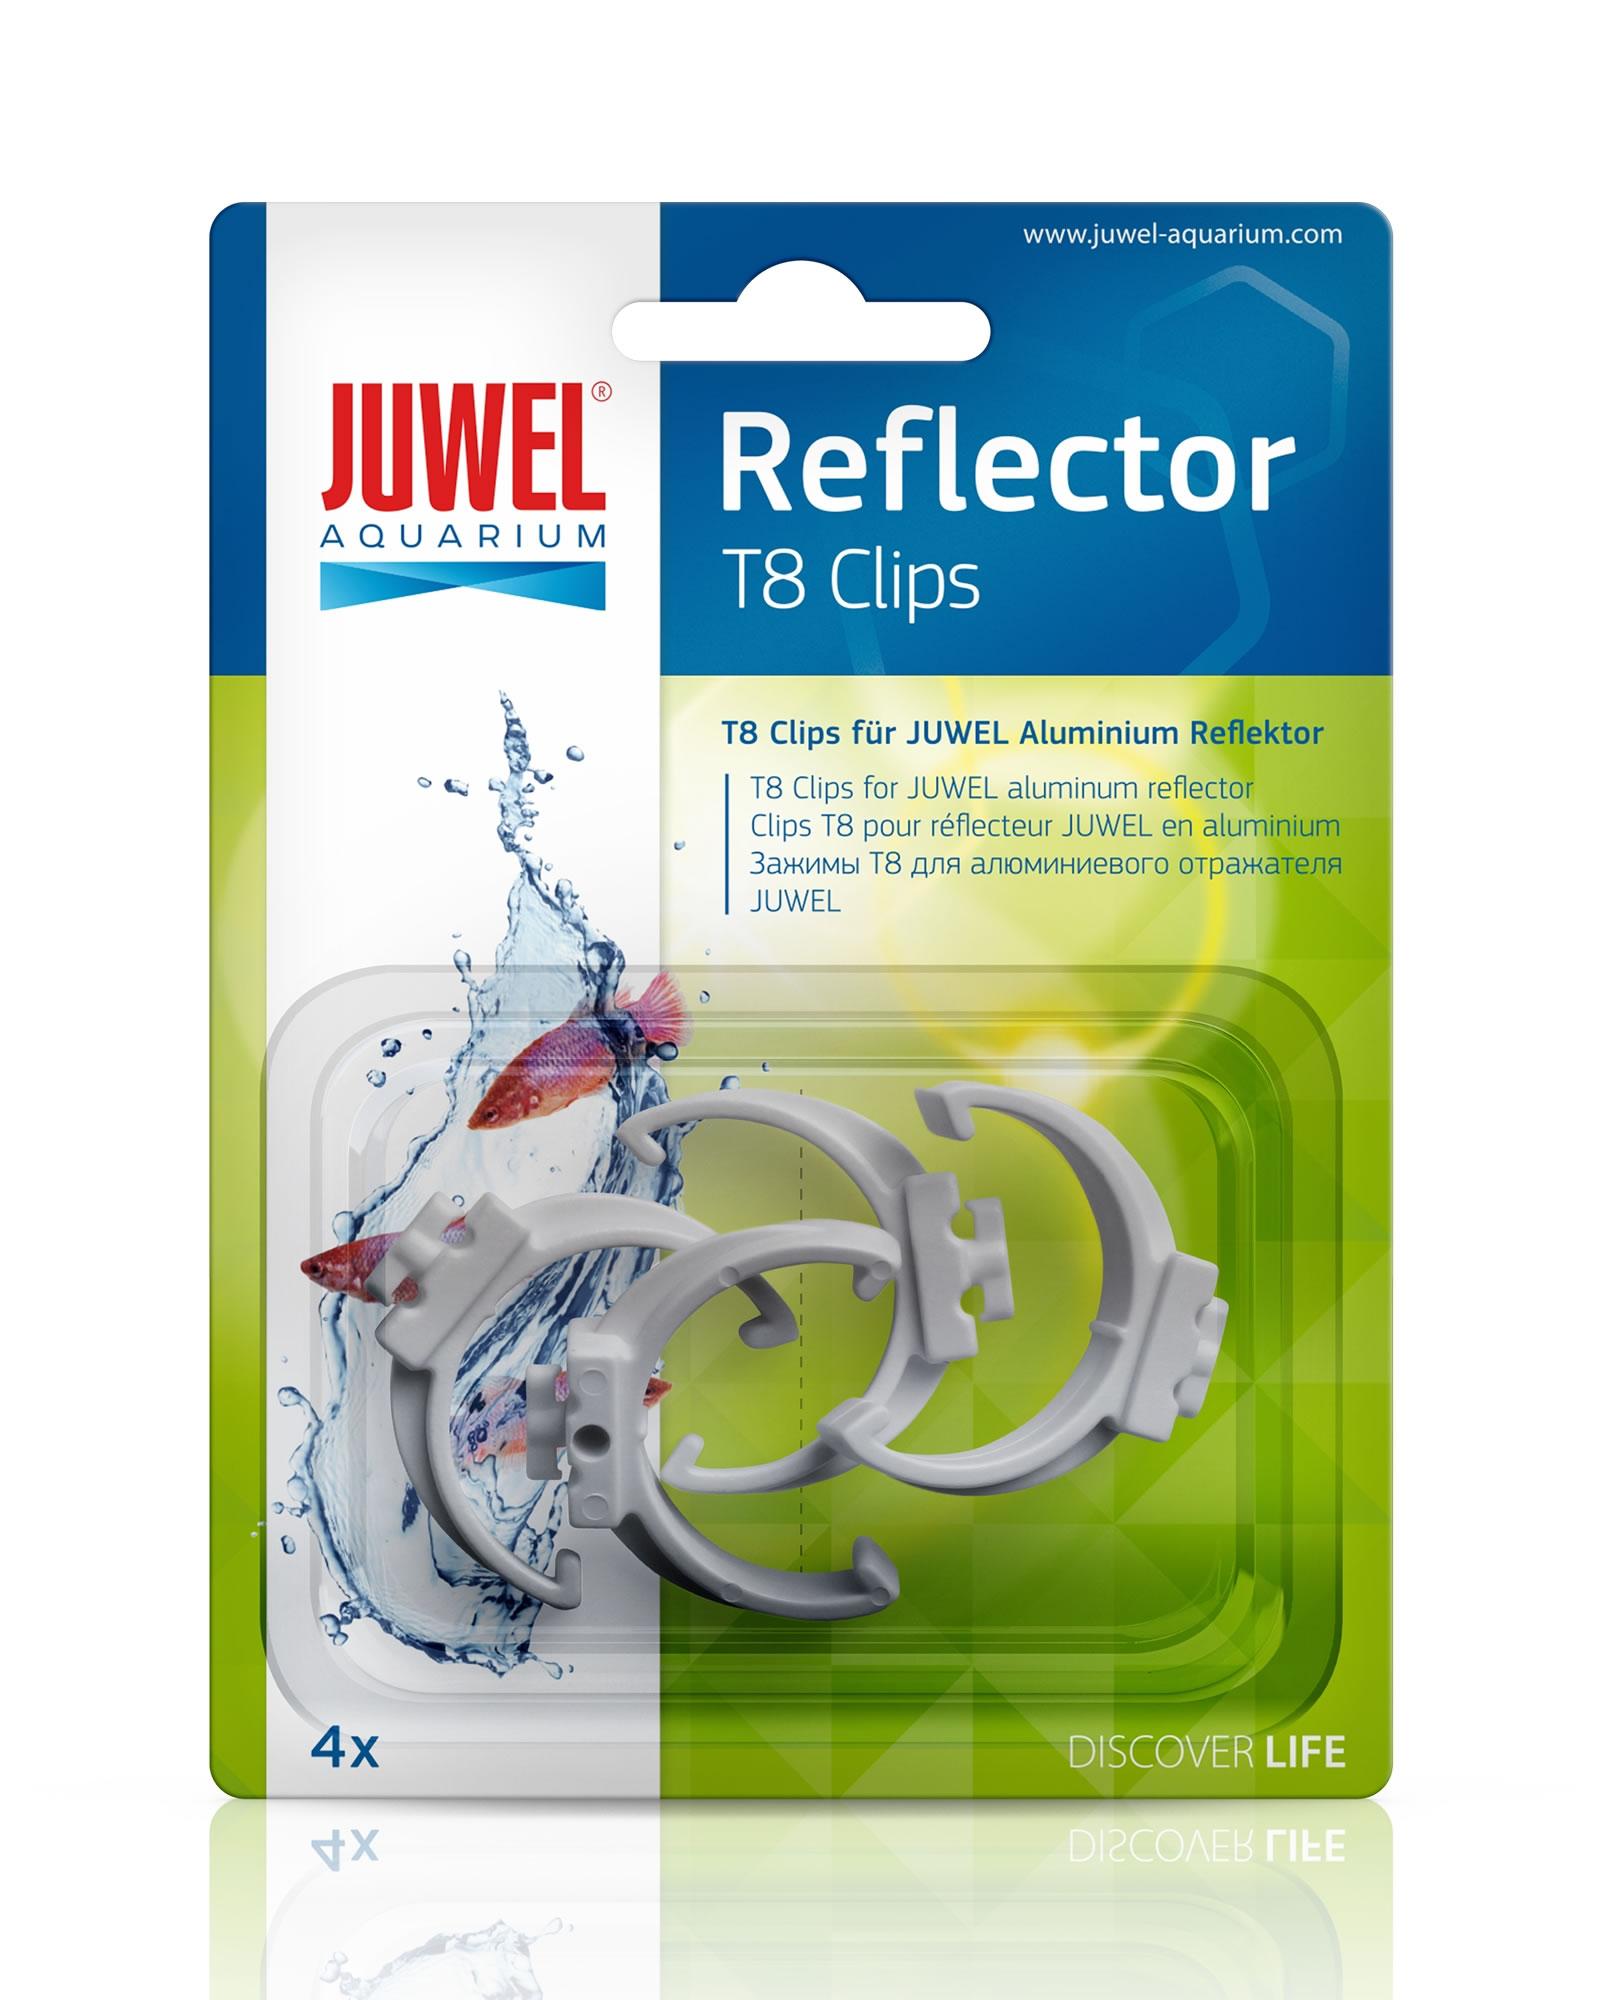 juwel reflektor clips f r t8 reflektoren 4 st ck 26 mm. Black Bedroom Furniture Sets. Home Design Ideas